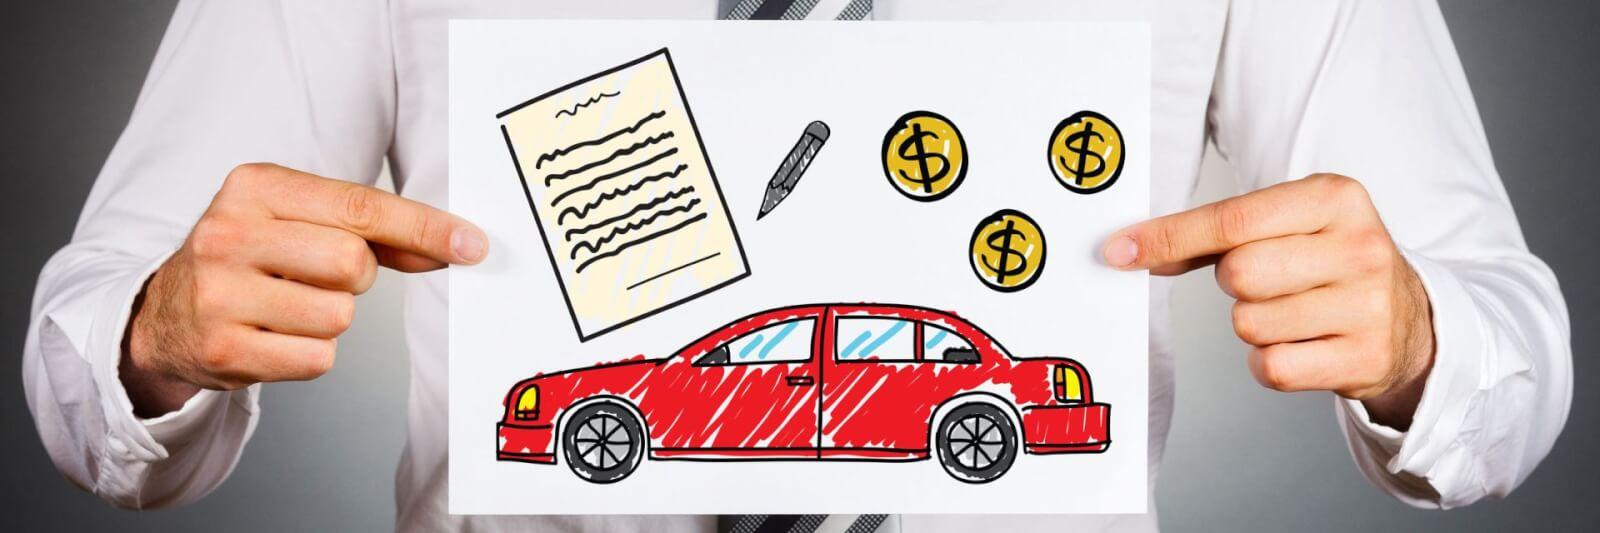 Какие банки дают автокредит, чем отличаются их условия и требования